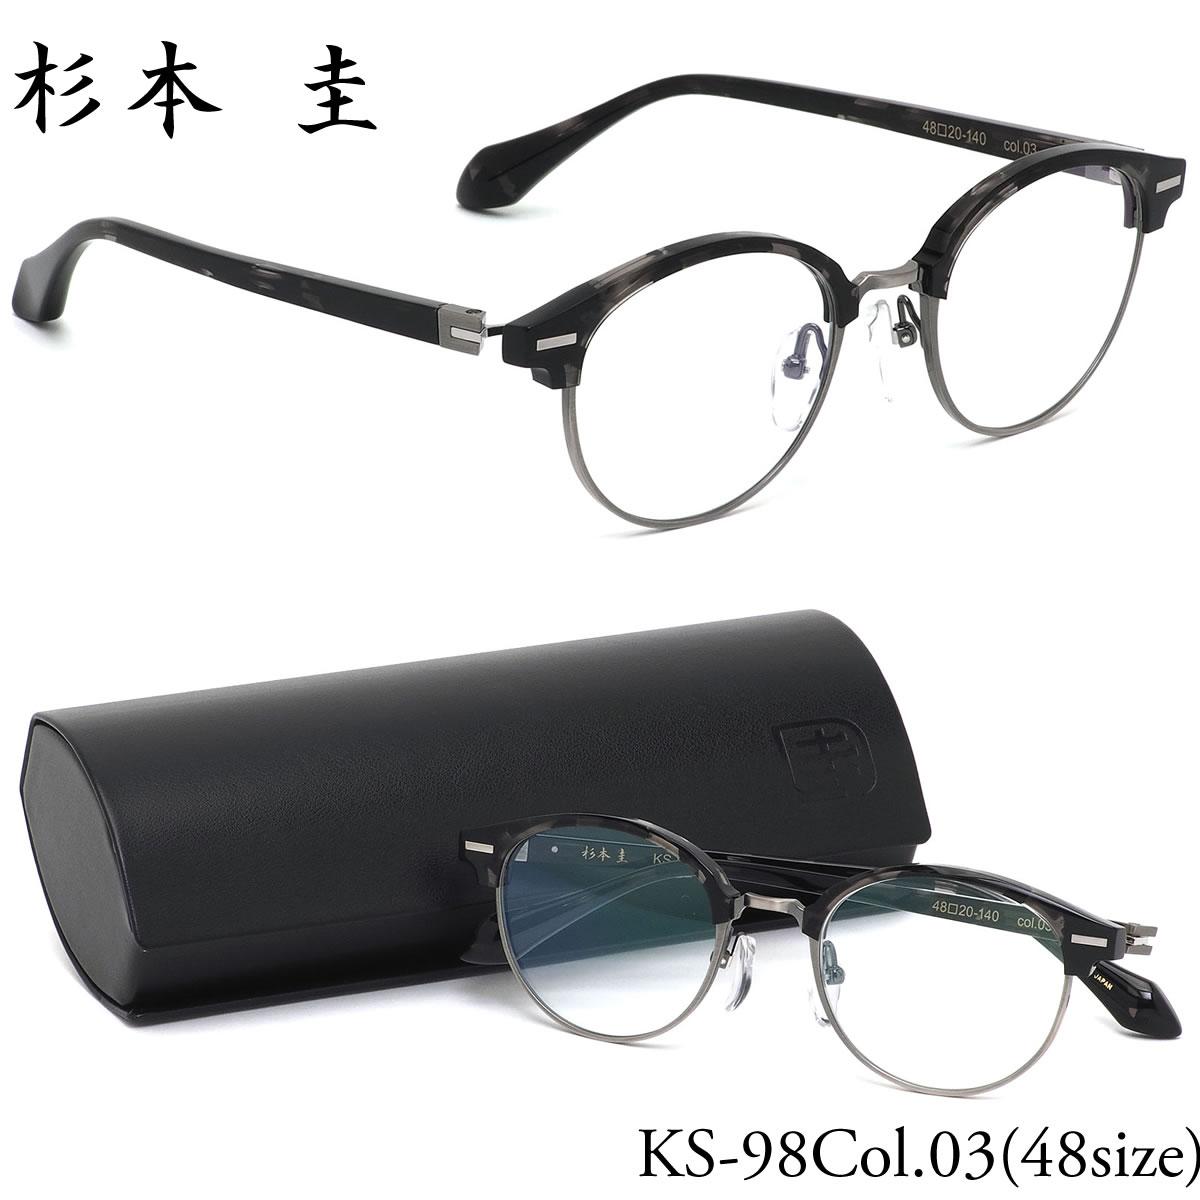 【10月30日からエントリーで全品ポイント20倍】スギモトケイ 杉本圭 メガネKS-98 03 48サイズSUGIMOTO KEI 日本製 コンビネーション 福井メンズ レディース